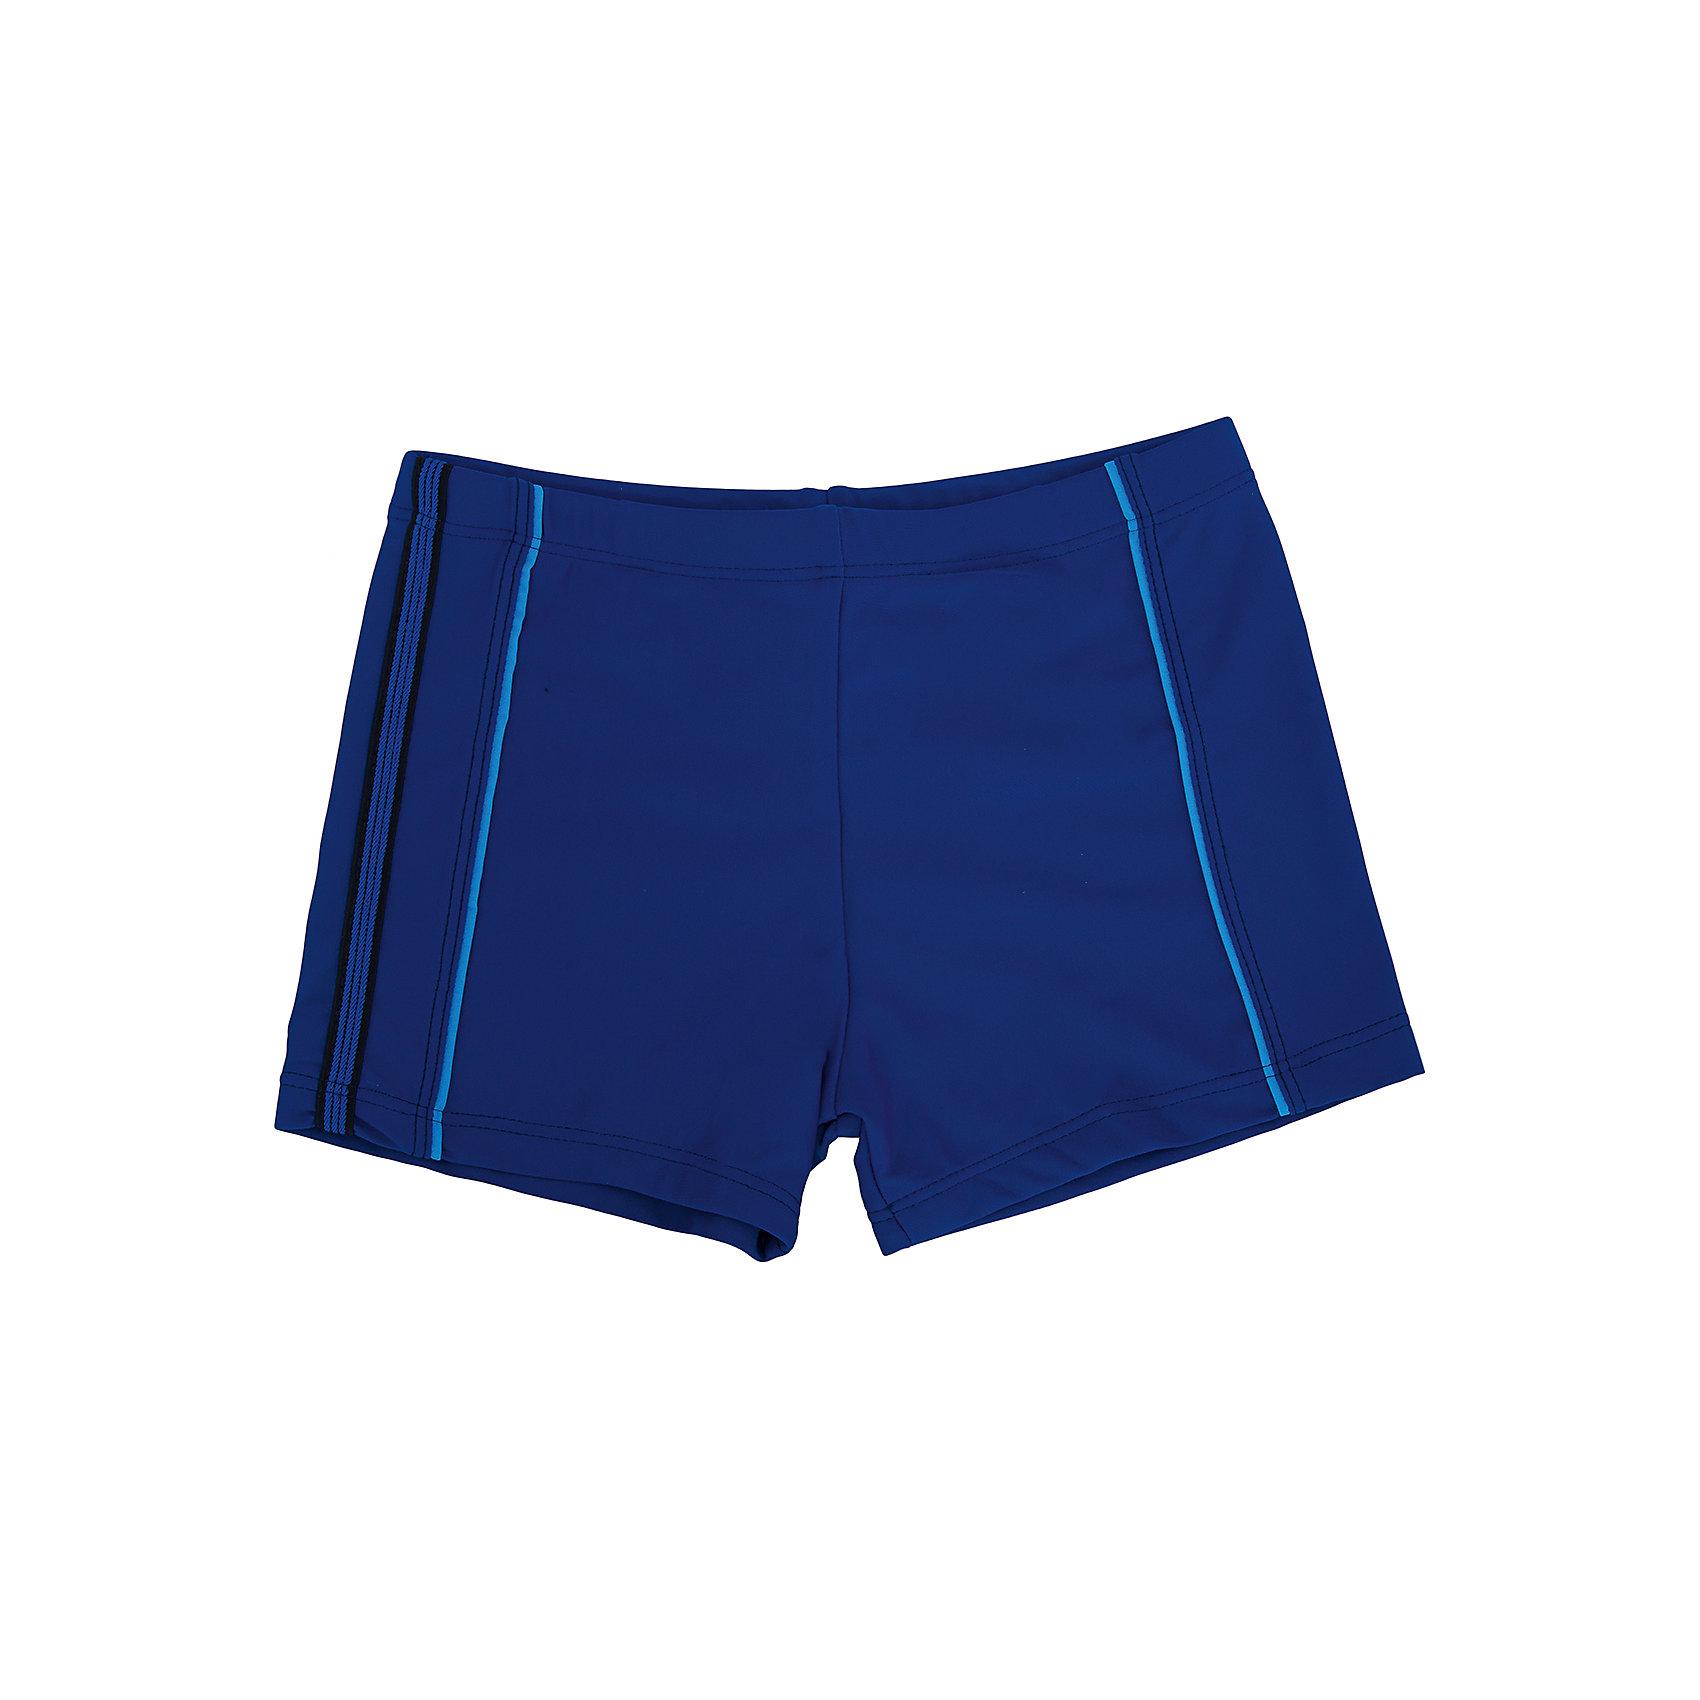 Плавки-шорты для мальчика DAUBERКупальники и плавки<br>Плавки-шорты для мальчика известной марки DAUBER. <br><br>Состав: 82%полиамид, 18%эластан.<br><br>Ширина мм: 183<br>Глубина мм: 60<br>Высота мм: 135<br>Вес г: 119<br>Цвет: синий<br>Возраст от месяцев: 132<br>Возраст до месяцев: 144<br>Пол: Мужской<br>Возраст: Детский<br>Размер: 134,152,146,140,128<br>SKU: 4845382